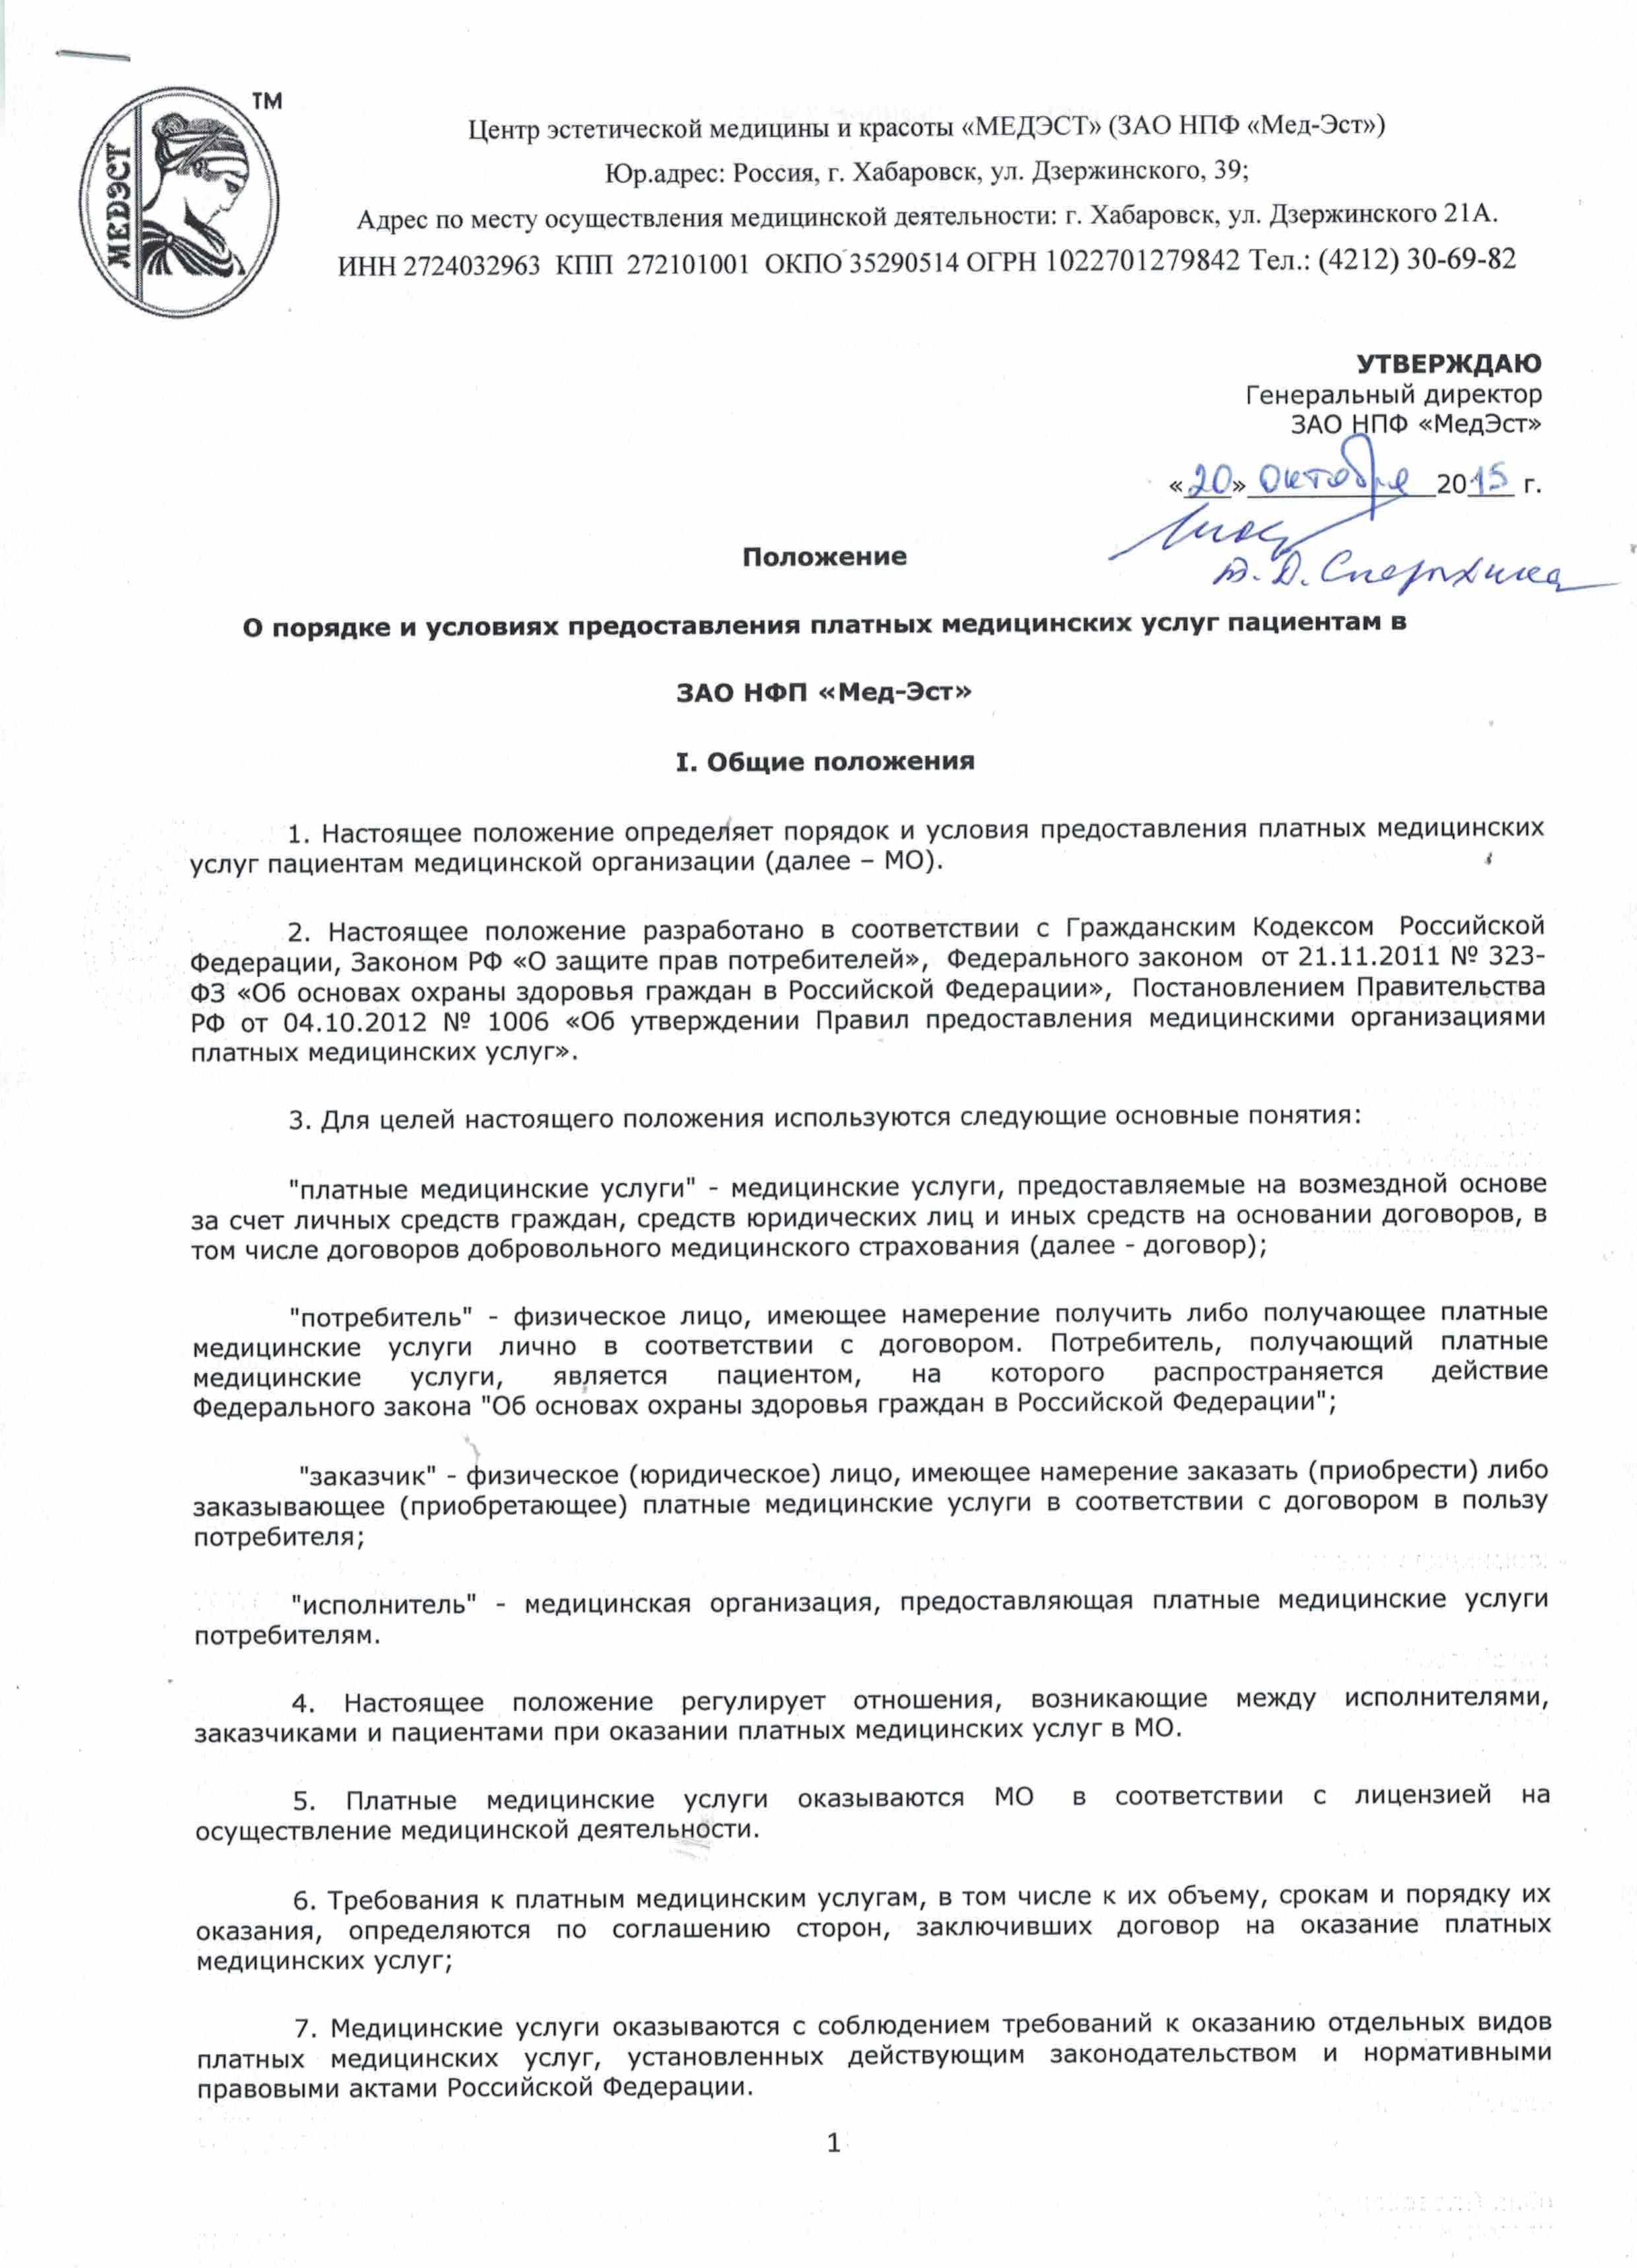 договор на организацию медицинских услуг